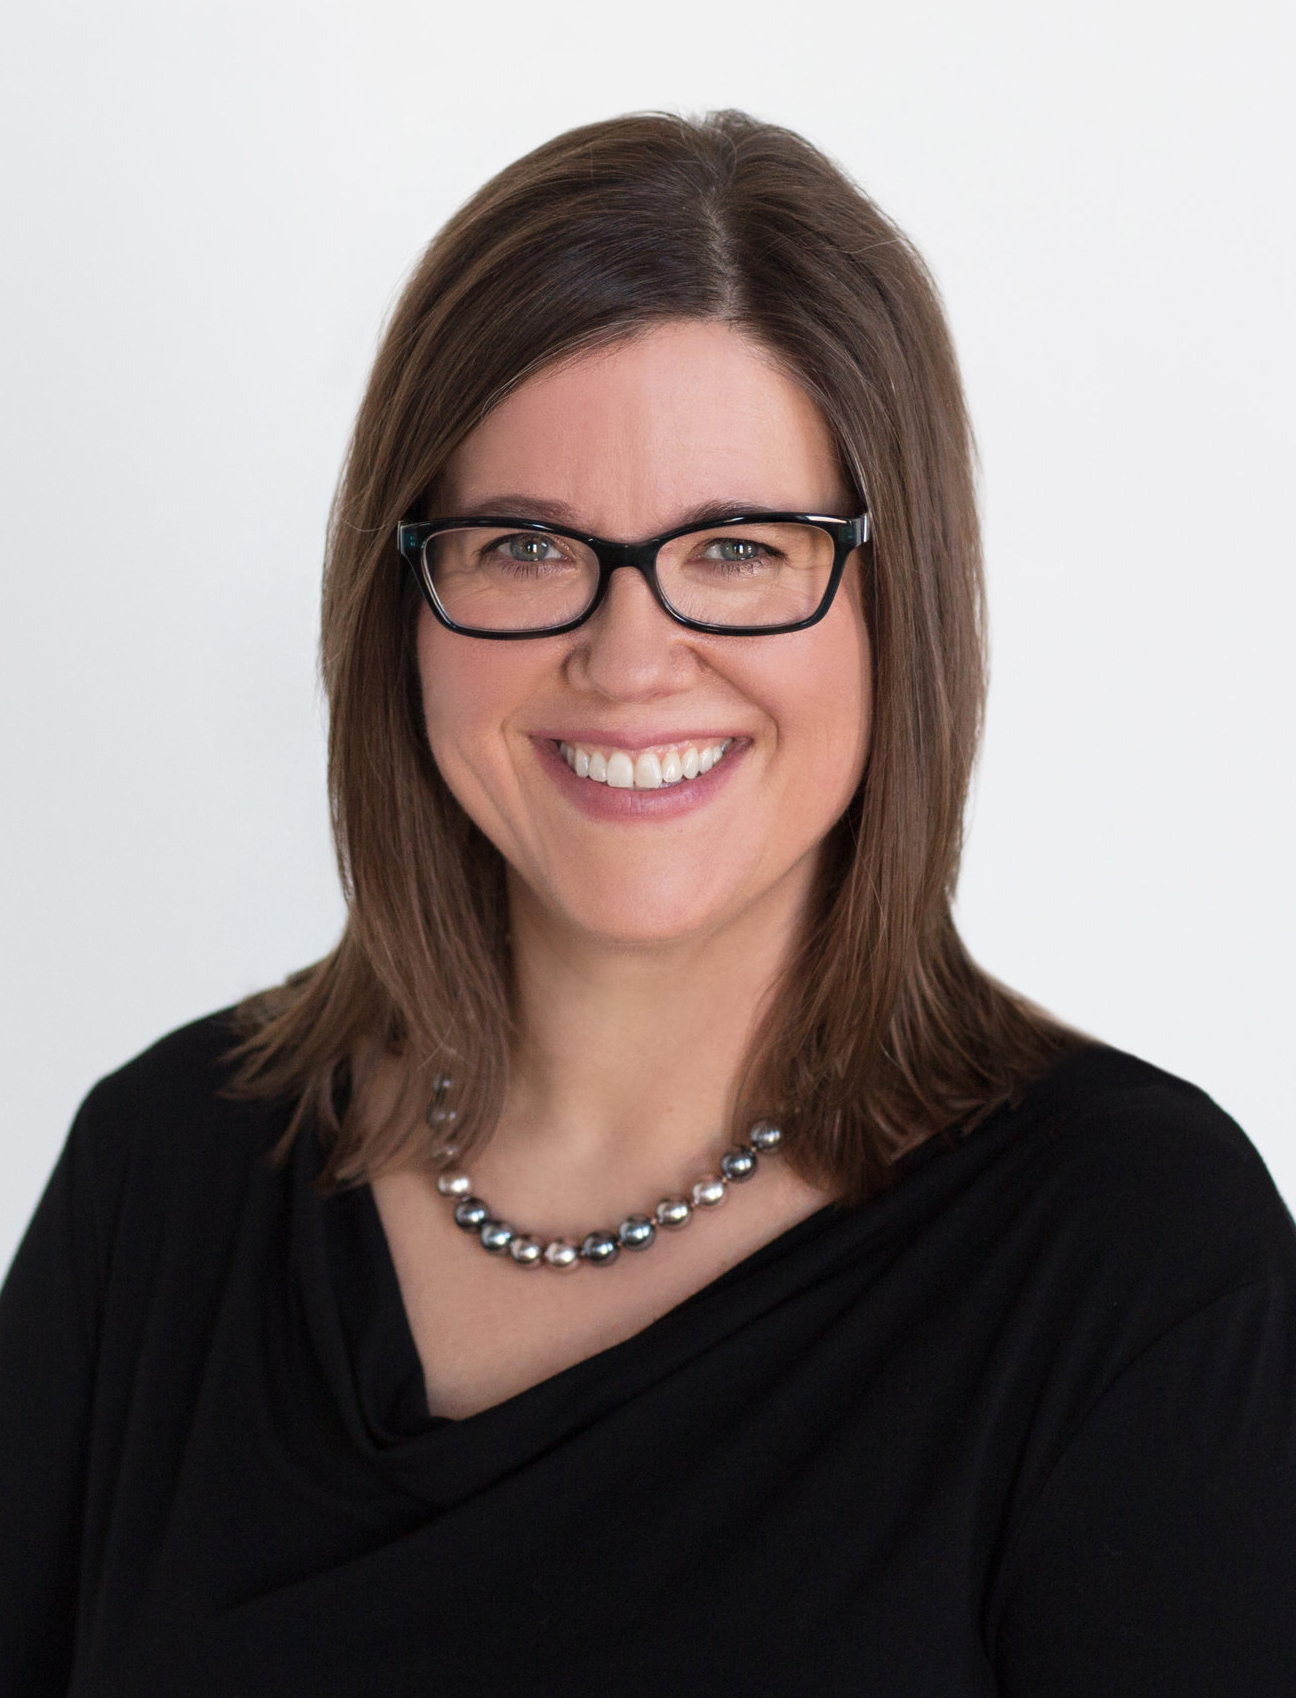 Michelle Borud